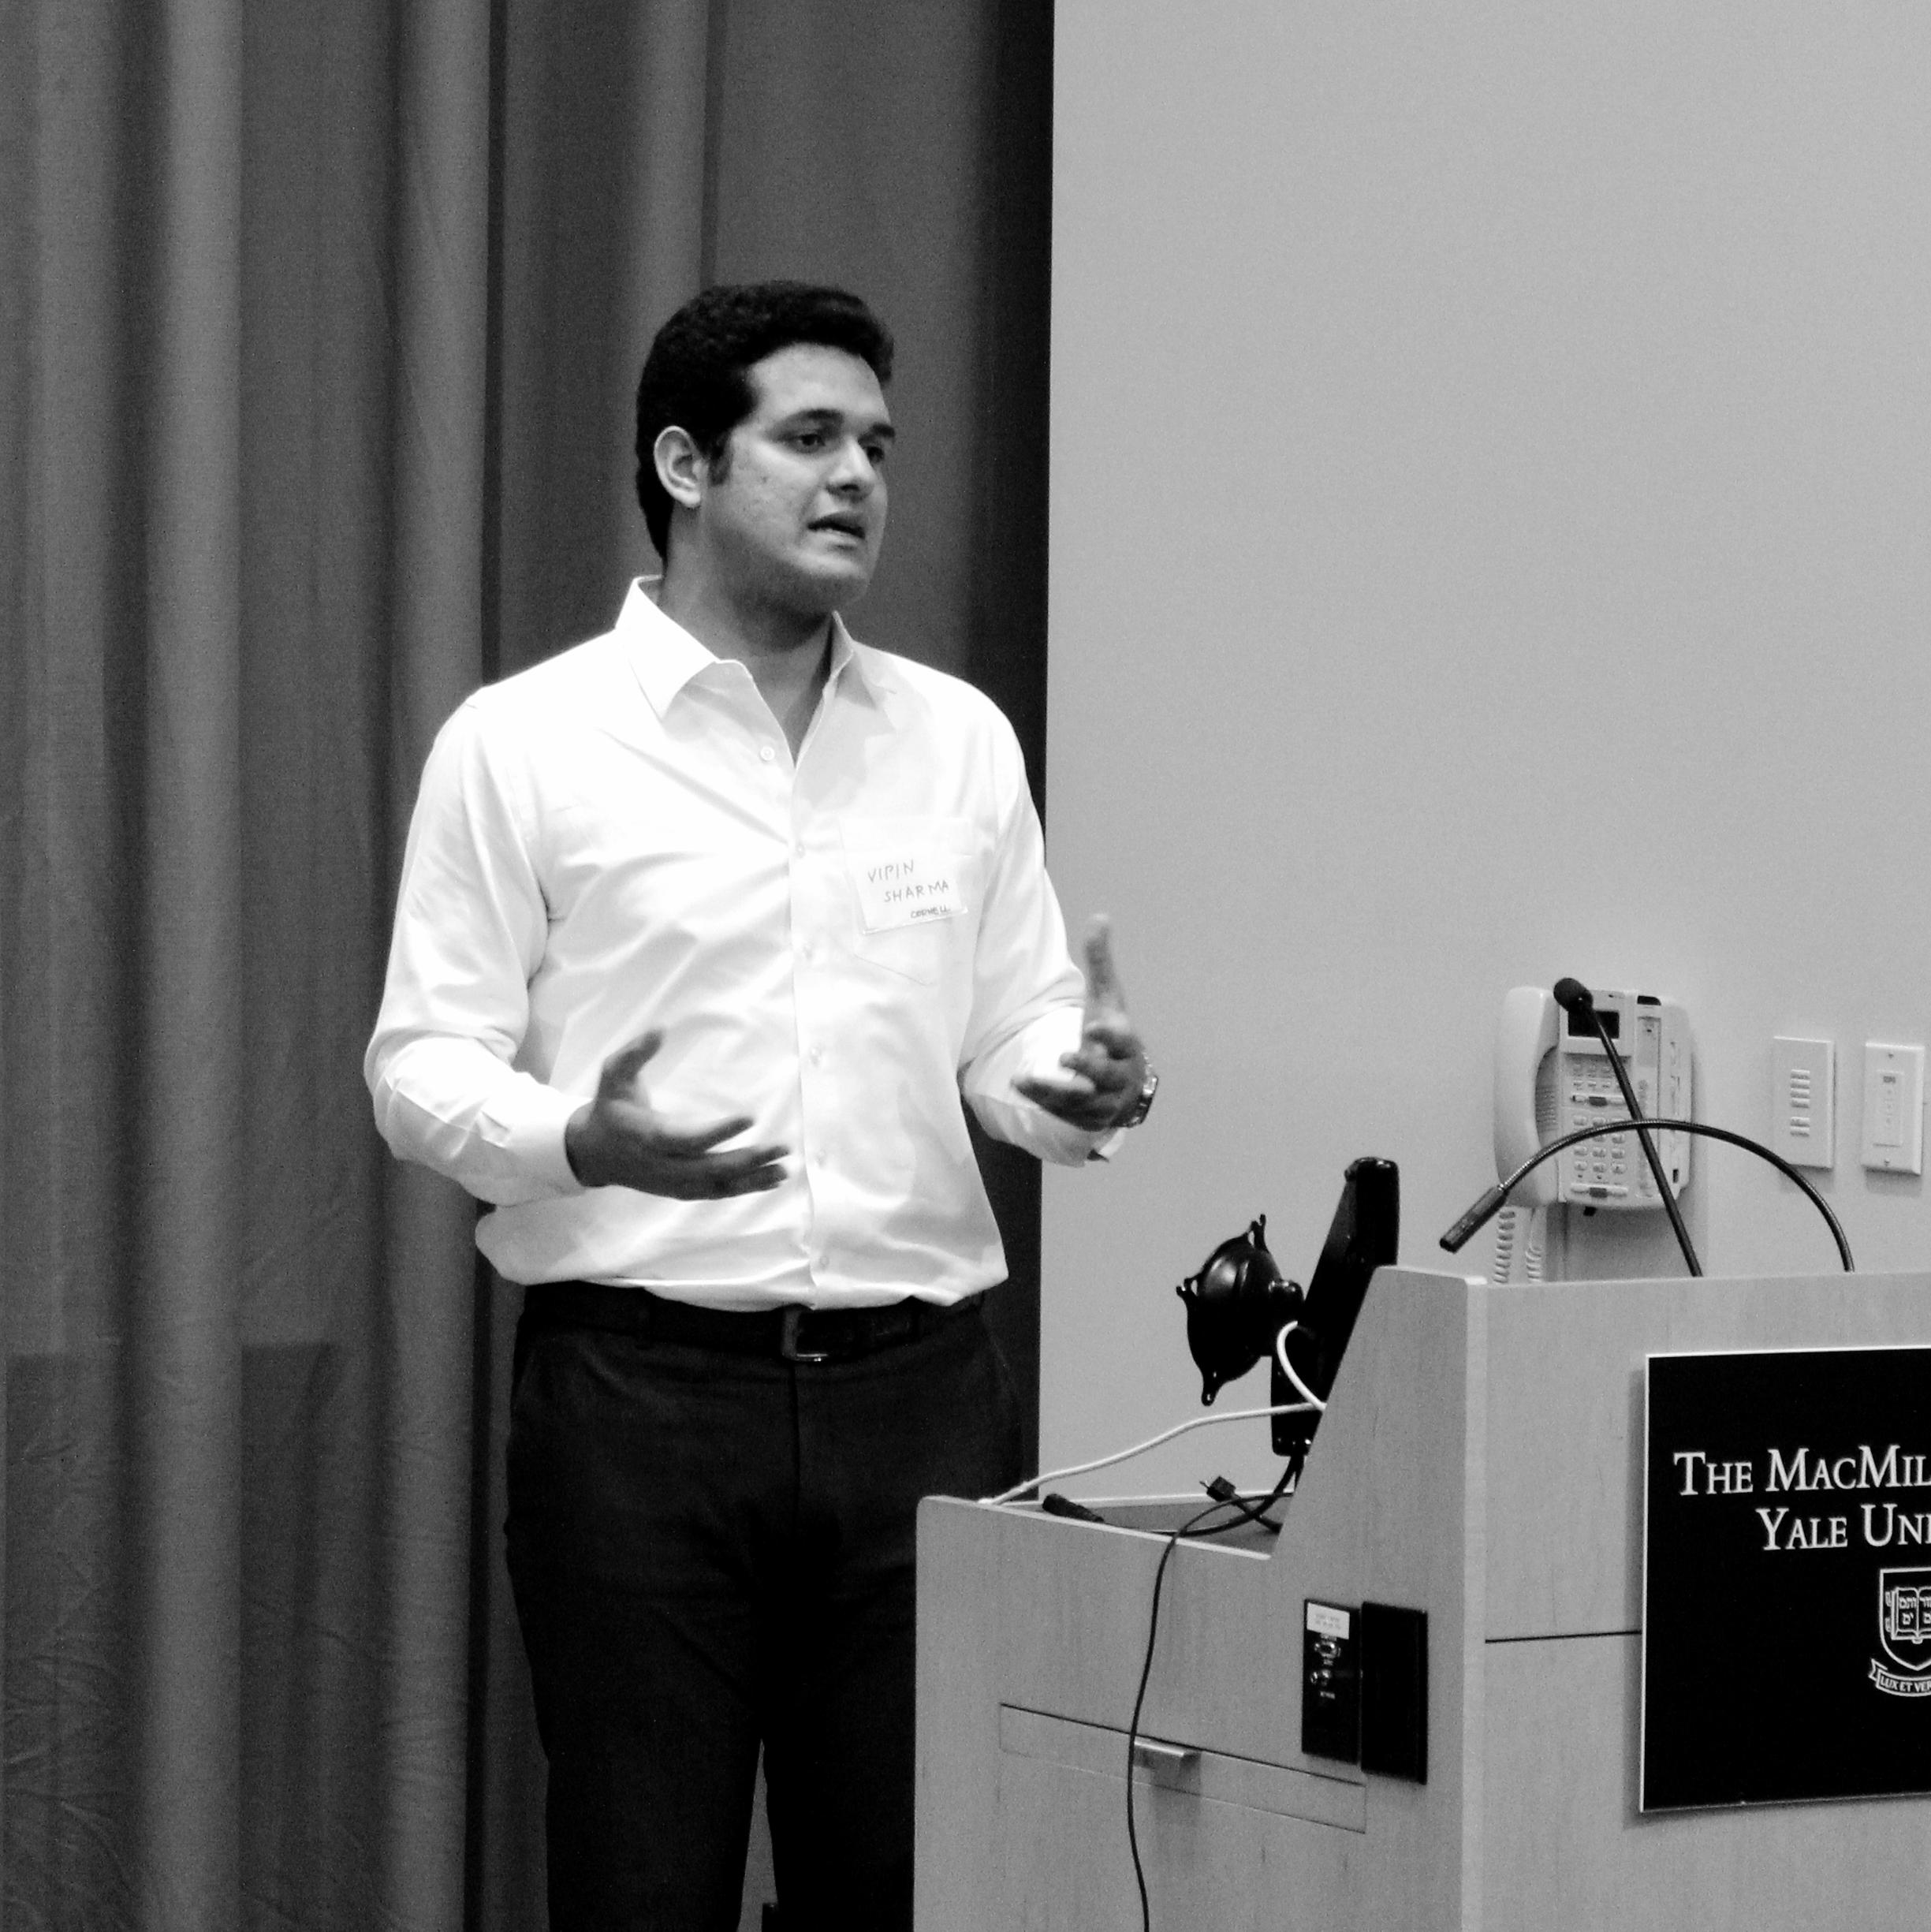 Vipin Sharma, Cornell